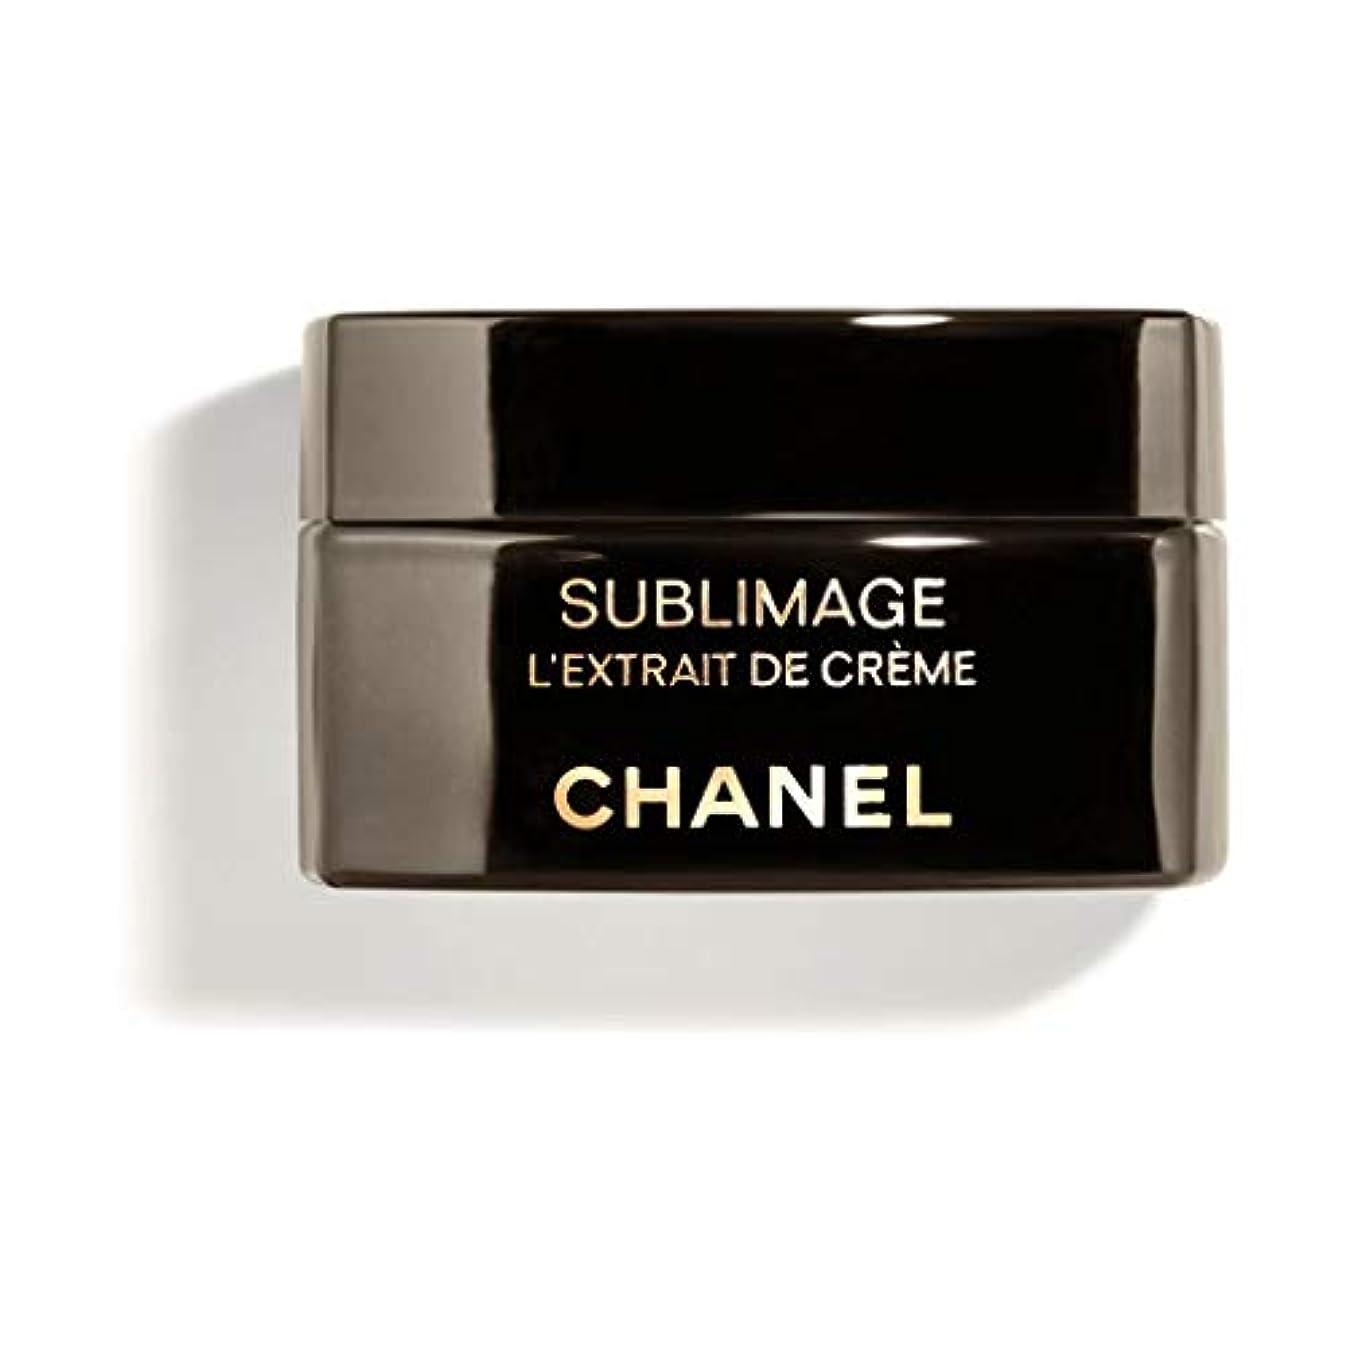 昼寝のぞき穴国内のCHANEL(シャネル) SUBLIMAGE L EXTRAIT DE CREME サブリマージュ レクストレ ドゥ クレーム 50g